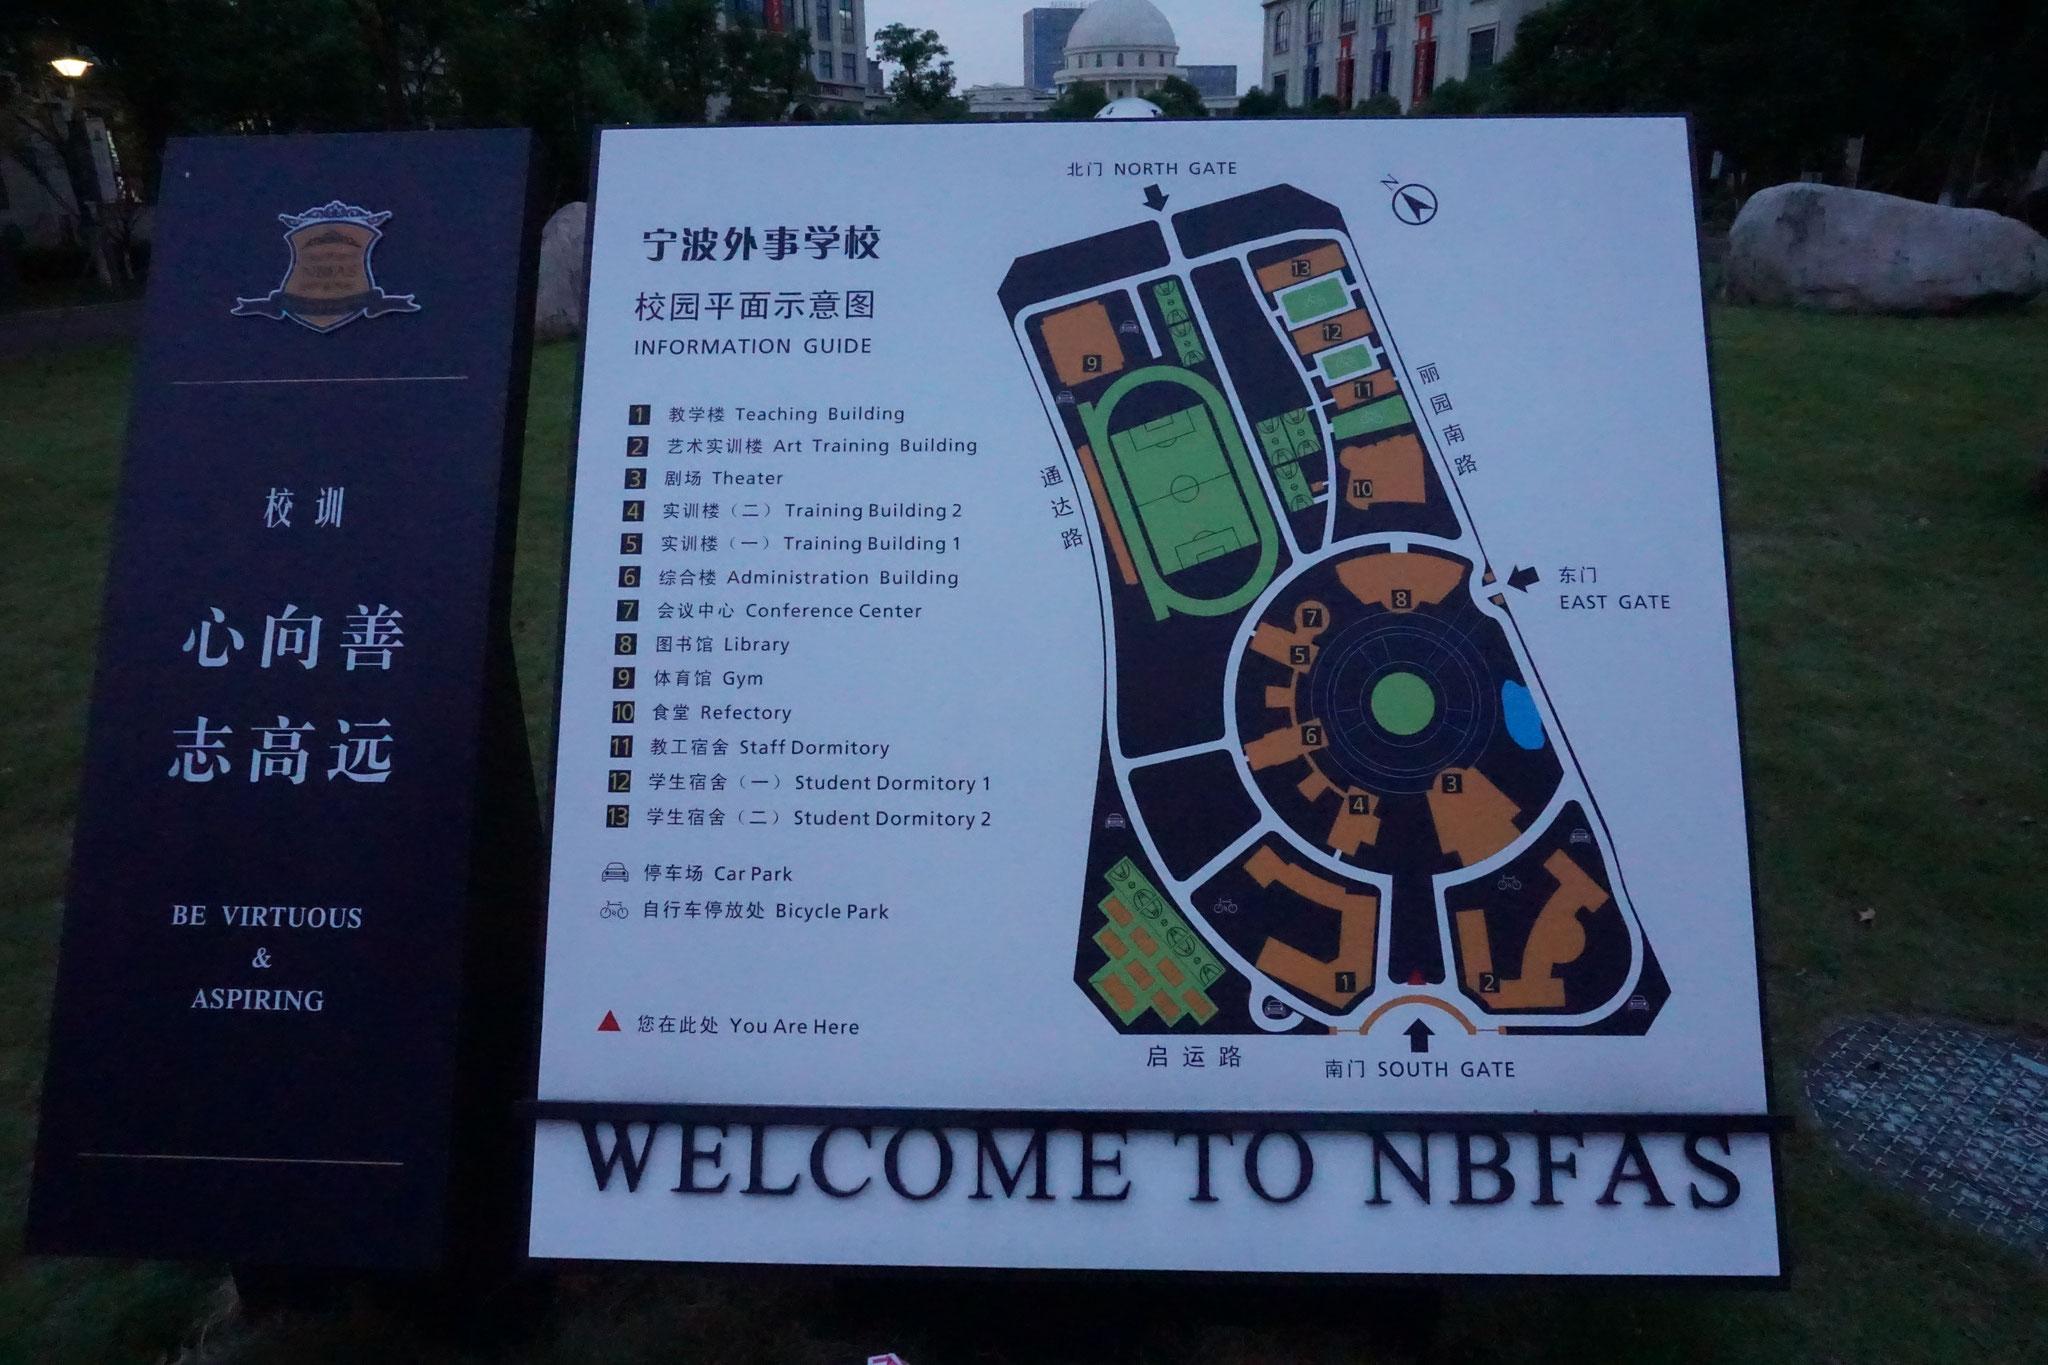 NBFAS Campus Plan